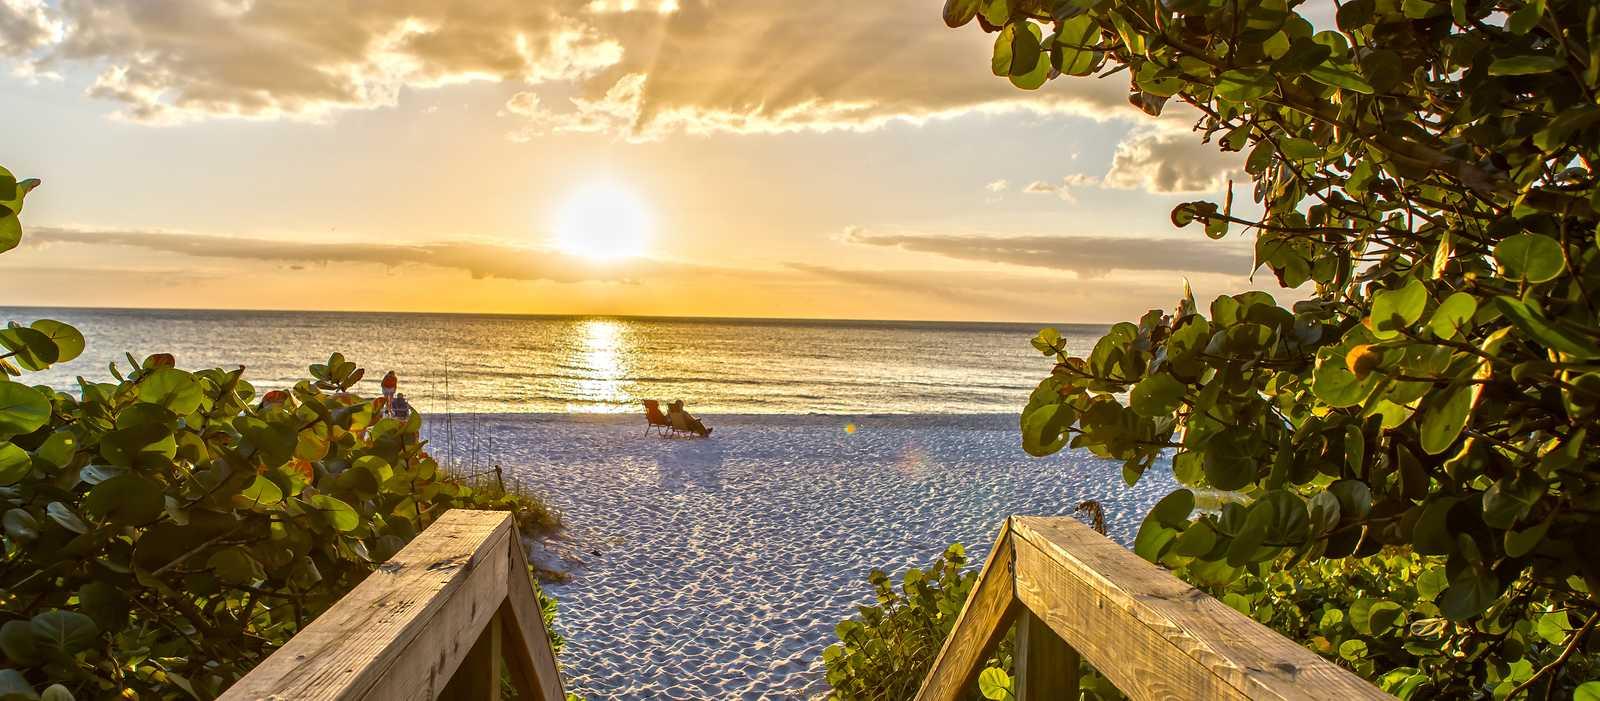 Ein traumhafter Sonnenuntergang am Strand von Naples in Florida